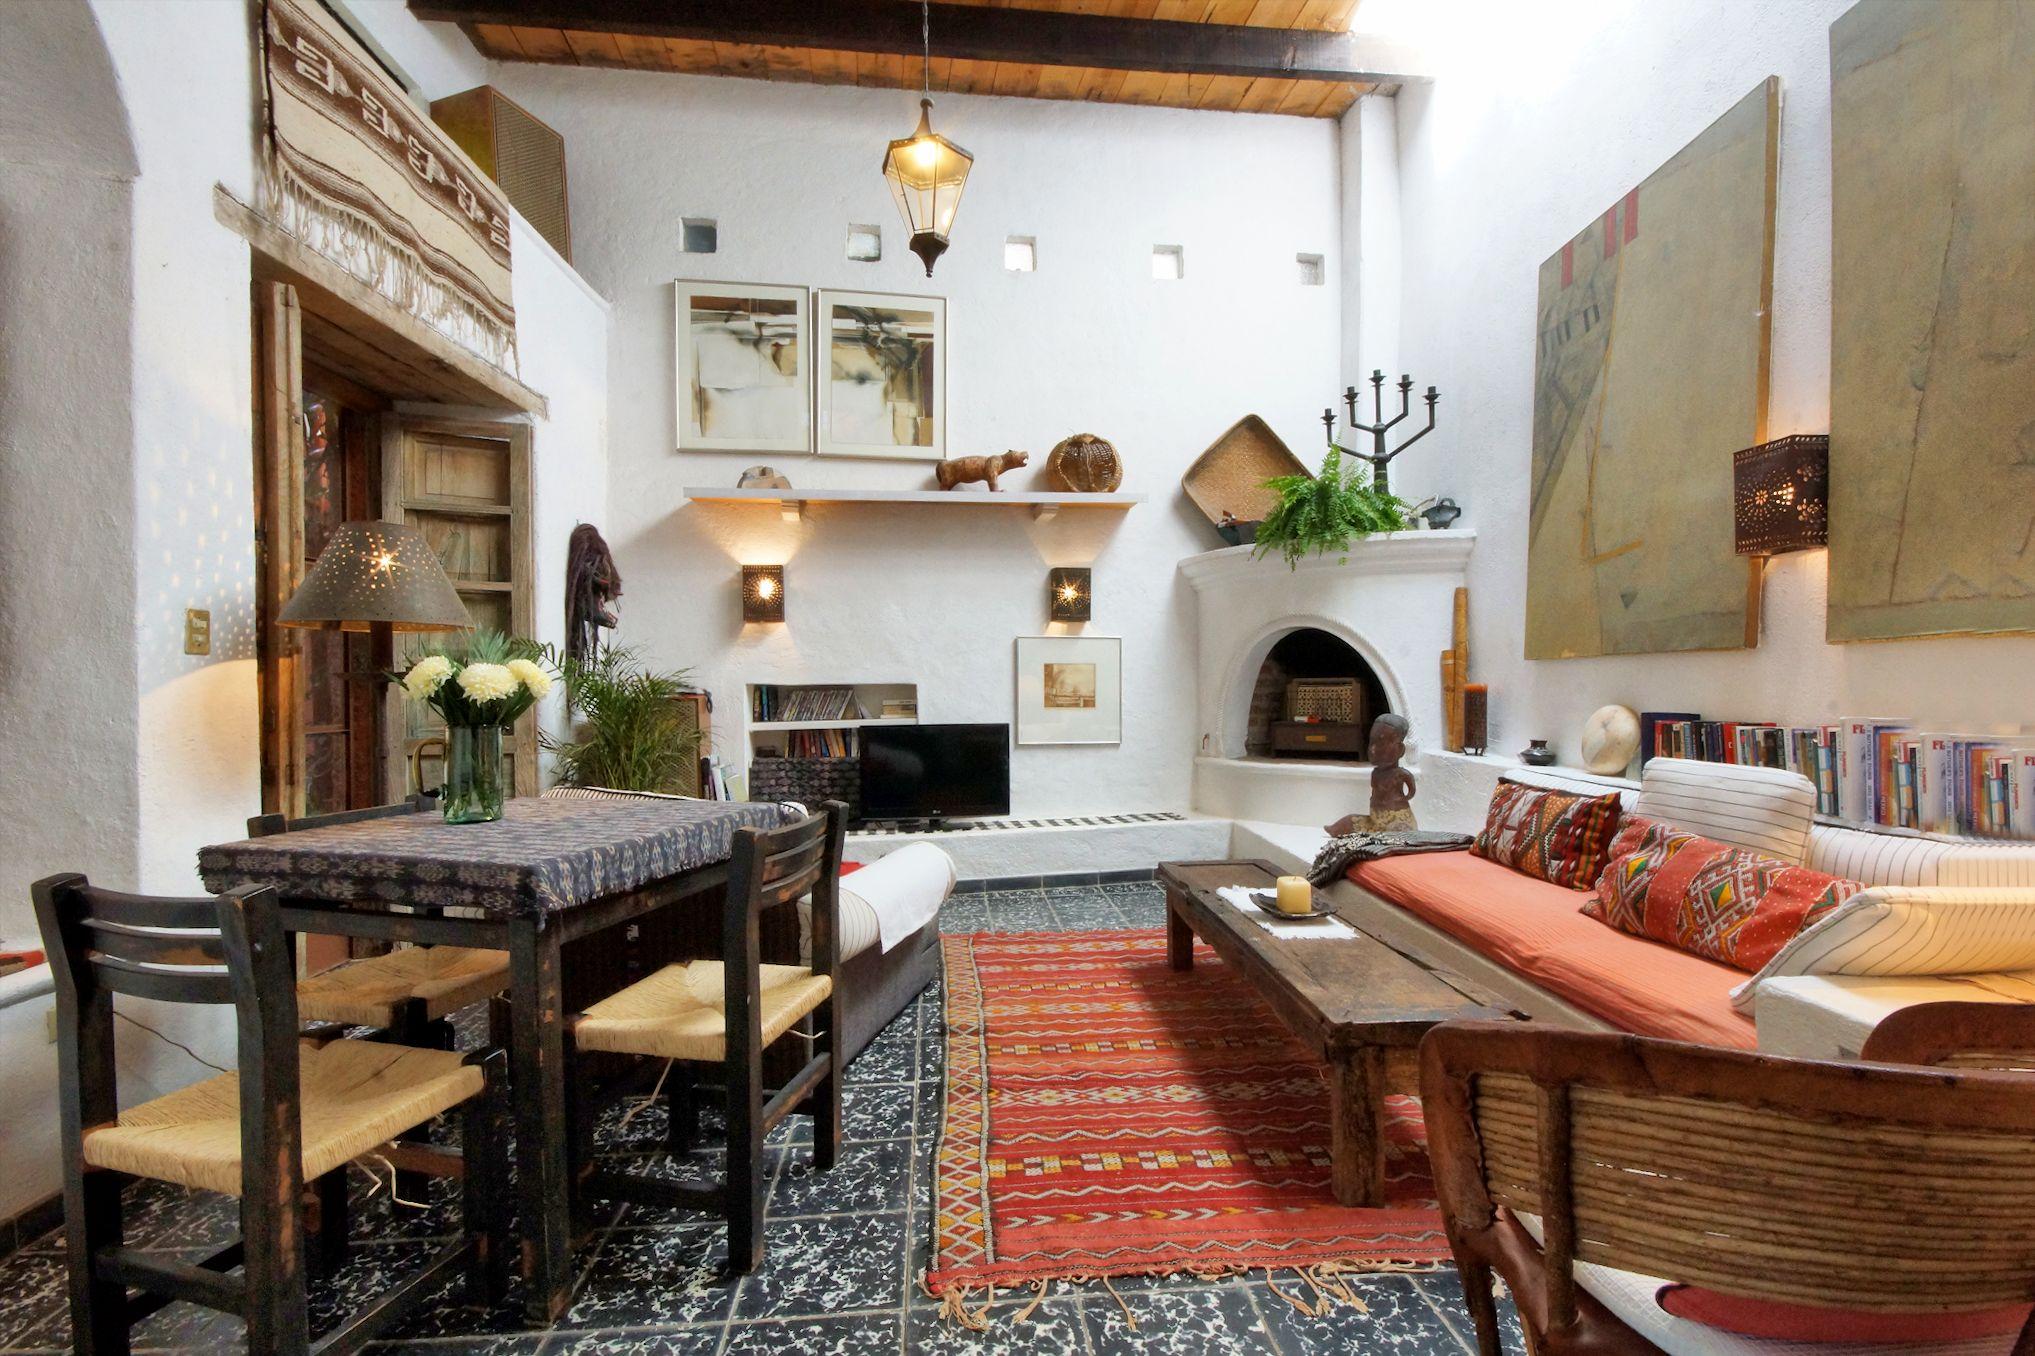 獨棟家庭住宅 為 出售 在 Sollano San Miguel De Allende, Guanajuato 37700 墨西哥